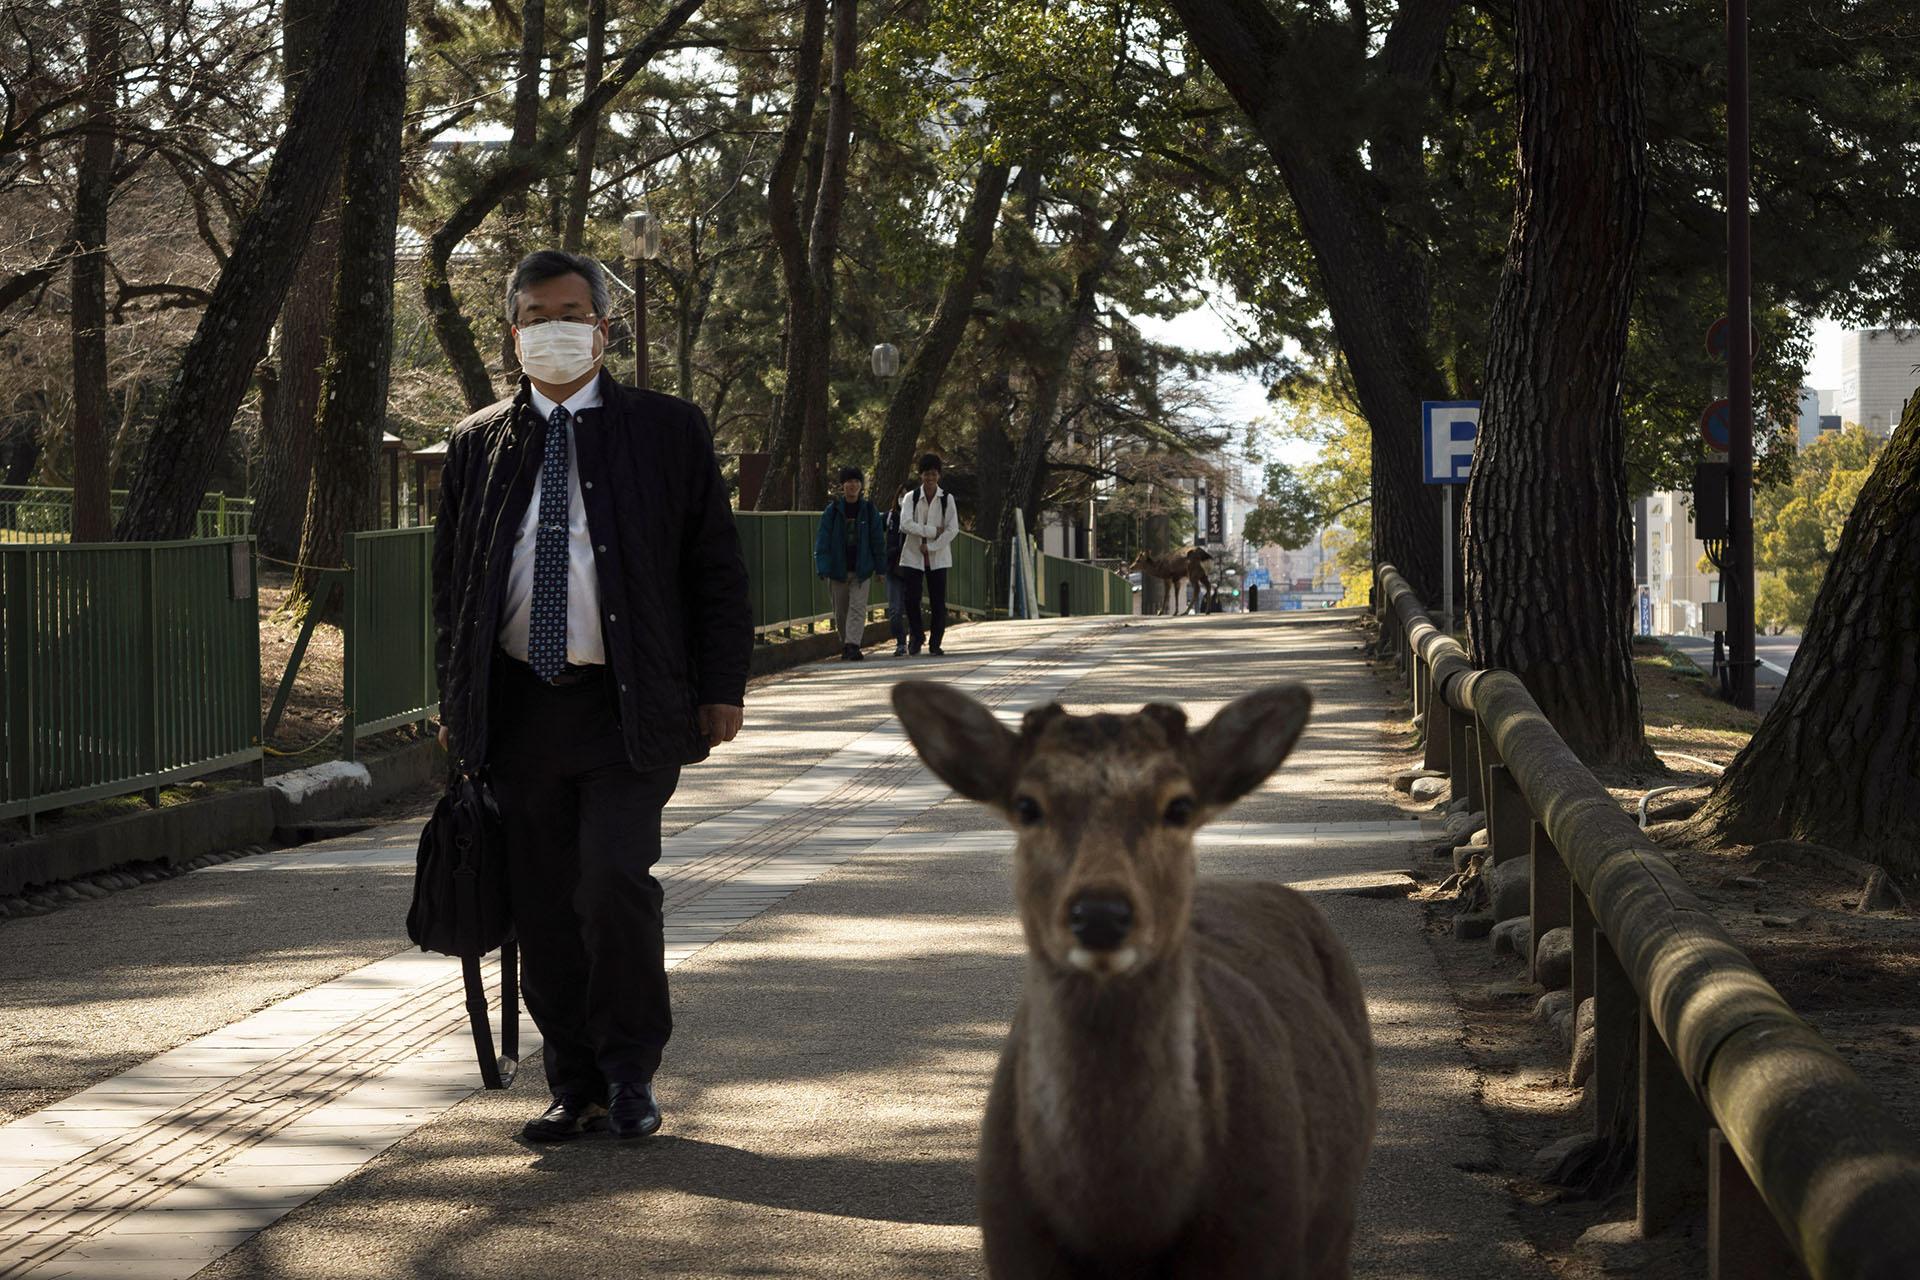 Una persona camina por una acera mientras dos venados deambulan por Nara, Japón (Foto AP / Jae C. Hong)